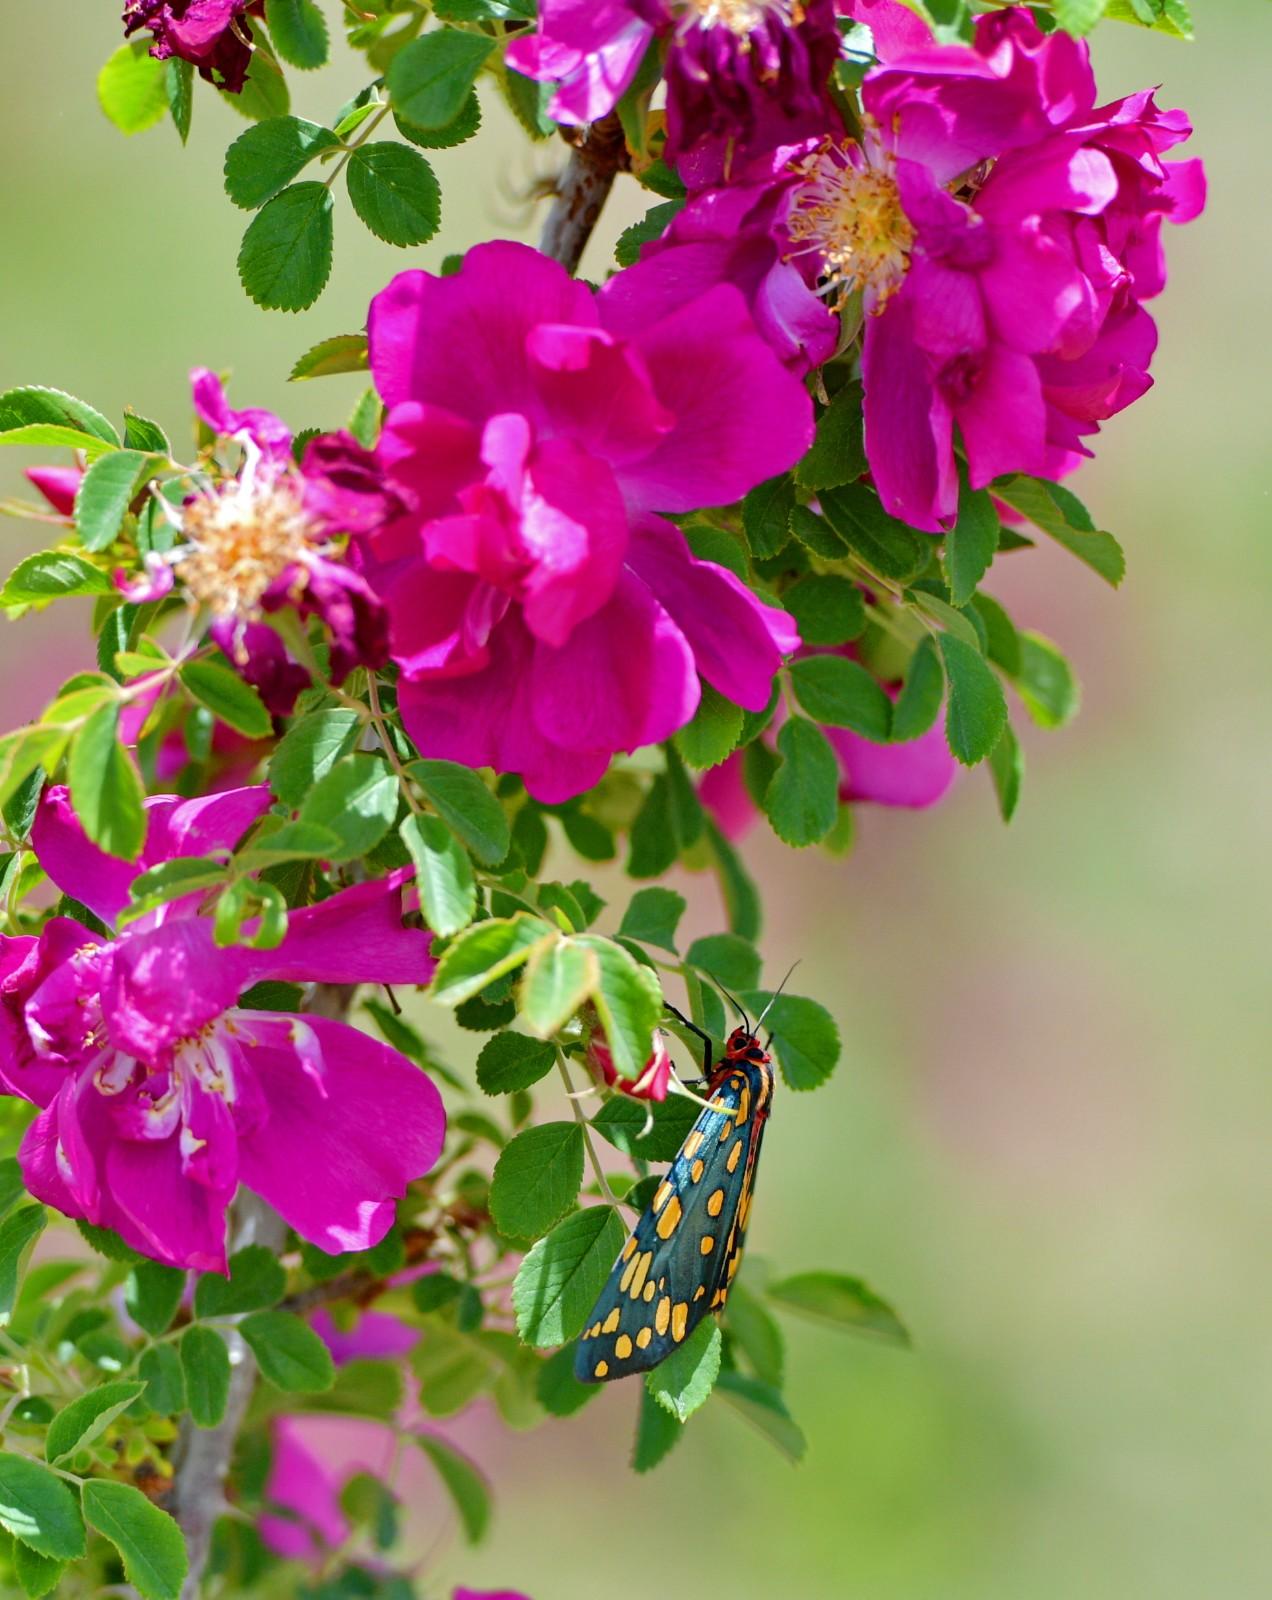 高原玫瑰芬芳四溢迎宾客     在拉萨市达孜区现代农业产业园,一只蝴蝶停在玫瑰种植基地的玫瑰花上(6月9日摄)。     近日,在西藏拉萨市达孜区现代农业产业园,由西藏玫瑰生物科技发展有限公司种植的200亩玫瑰盛开,吸引众多游客前来观赏采摘。     新华社记者 张汝锋 摄